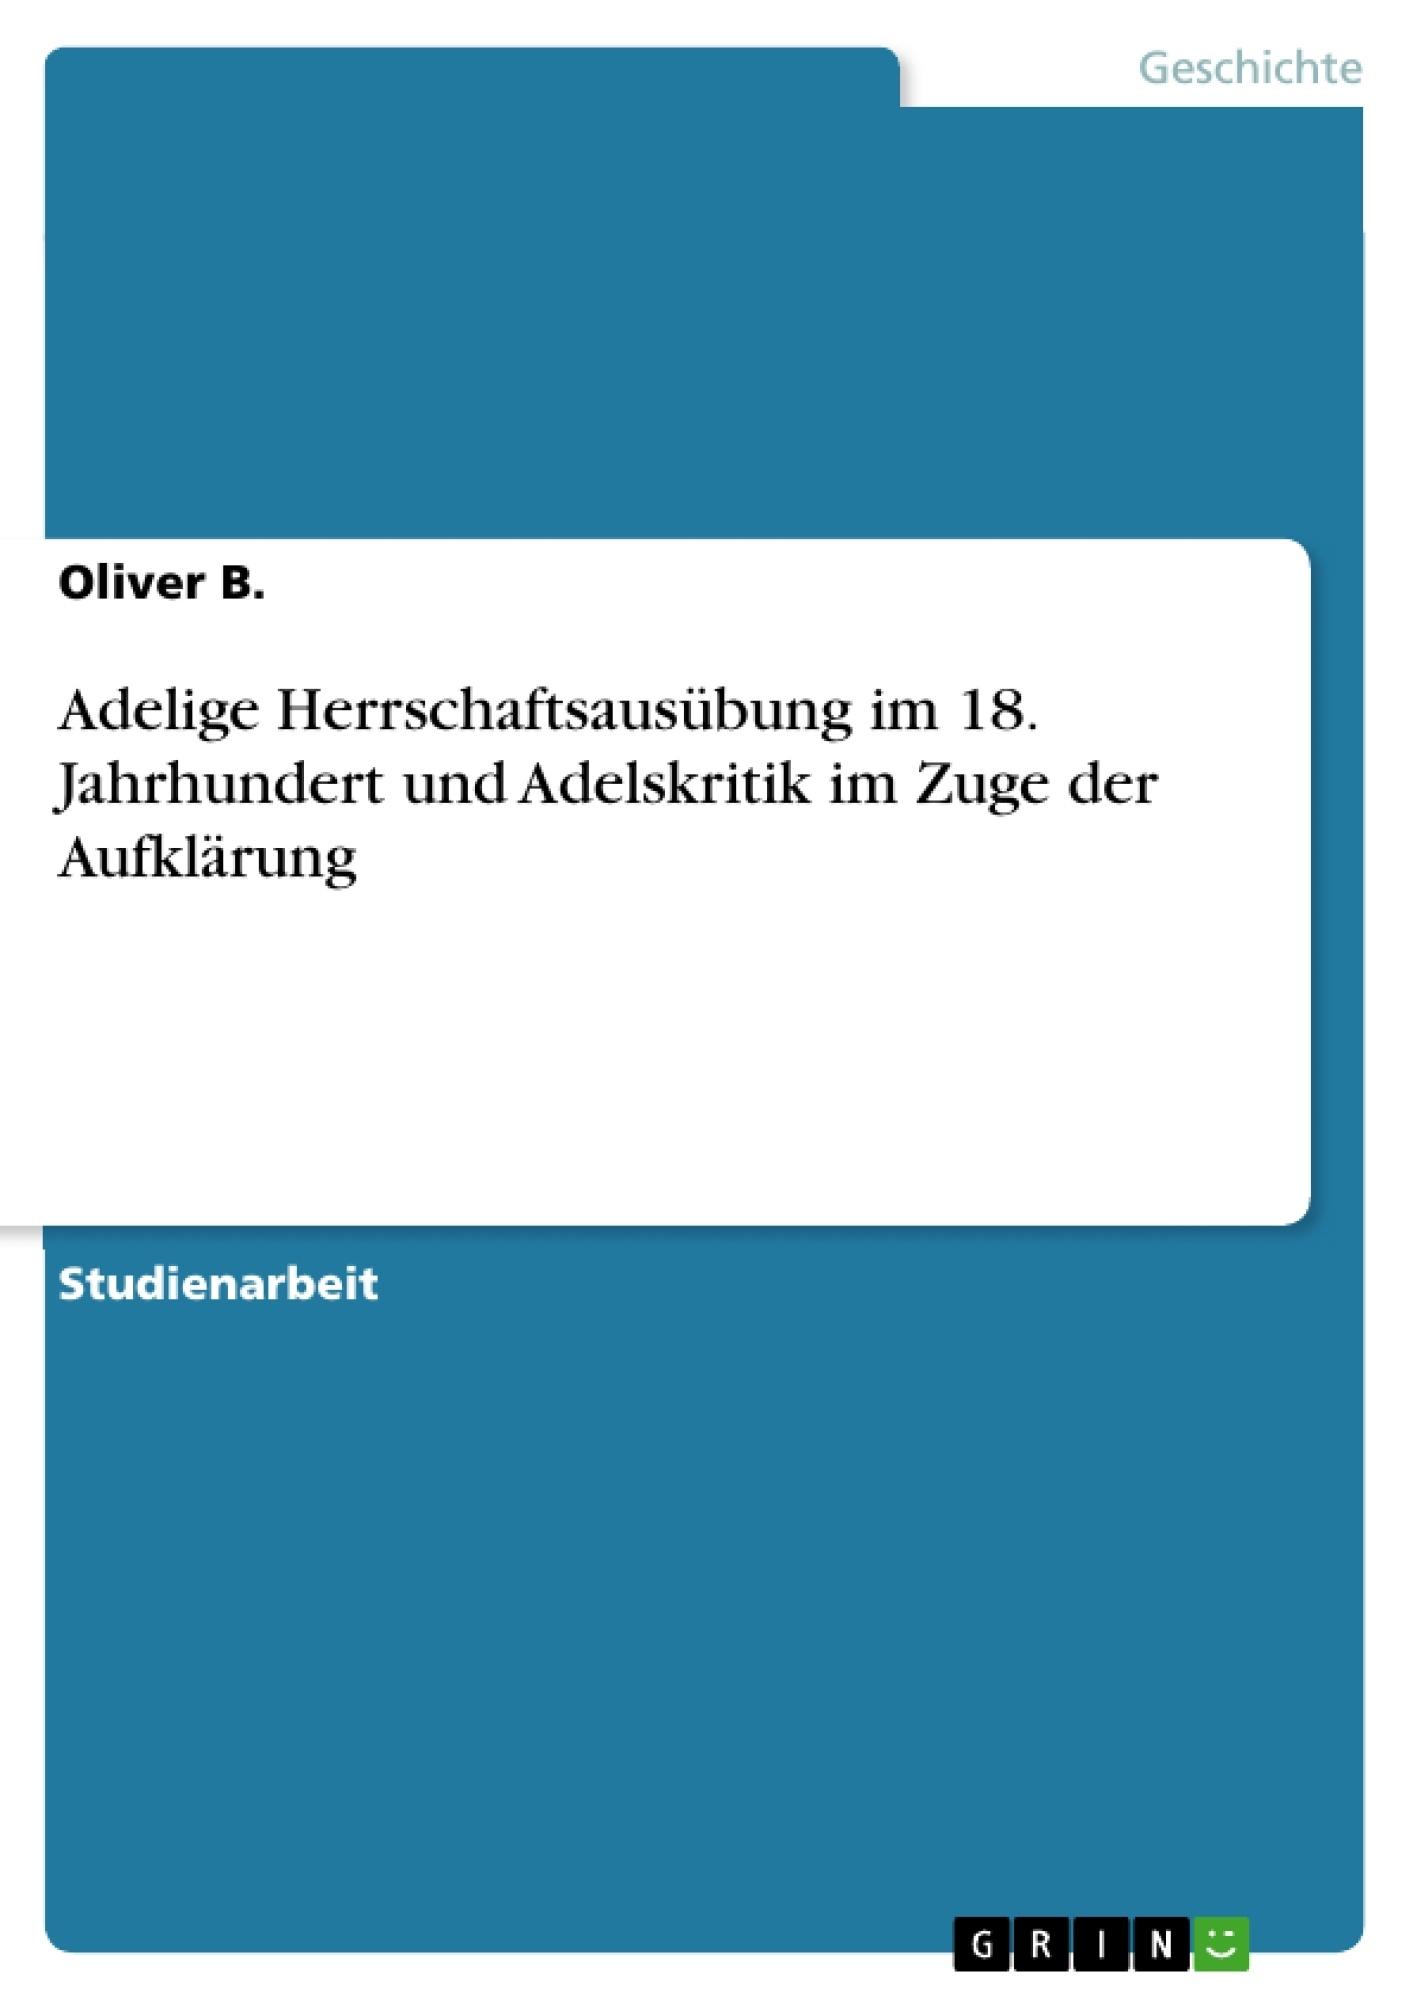 Titel: Adelige Herrschaftsausübung im 18. Jahrhundert und Adelskritik im Zuge der Aufklärung